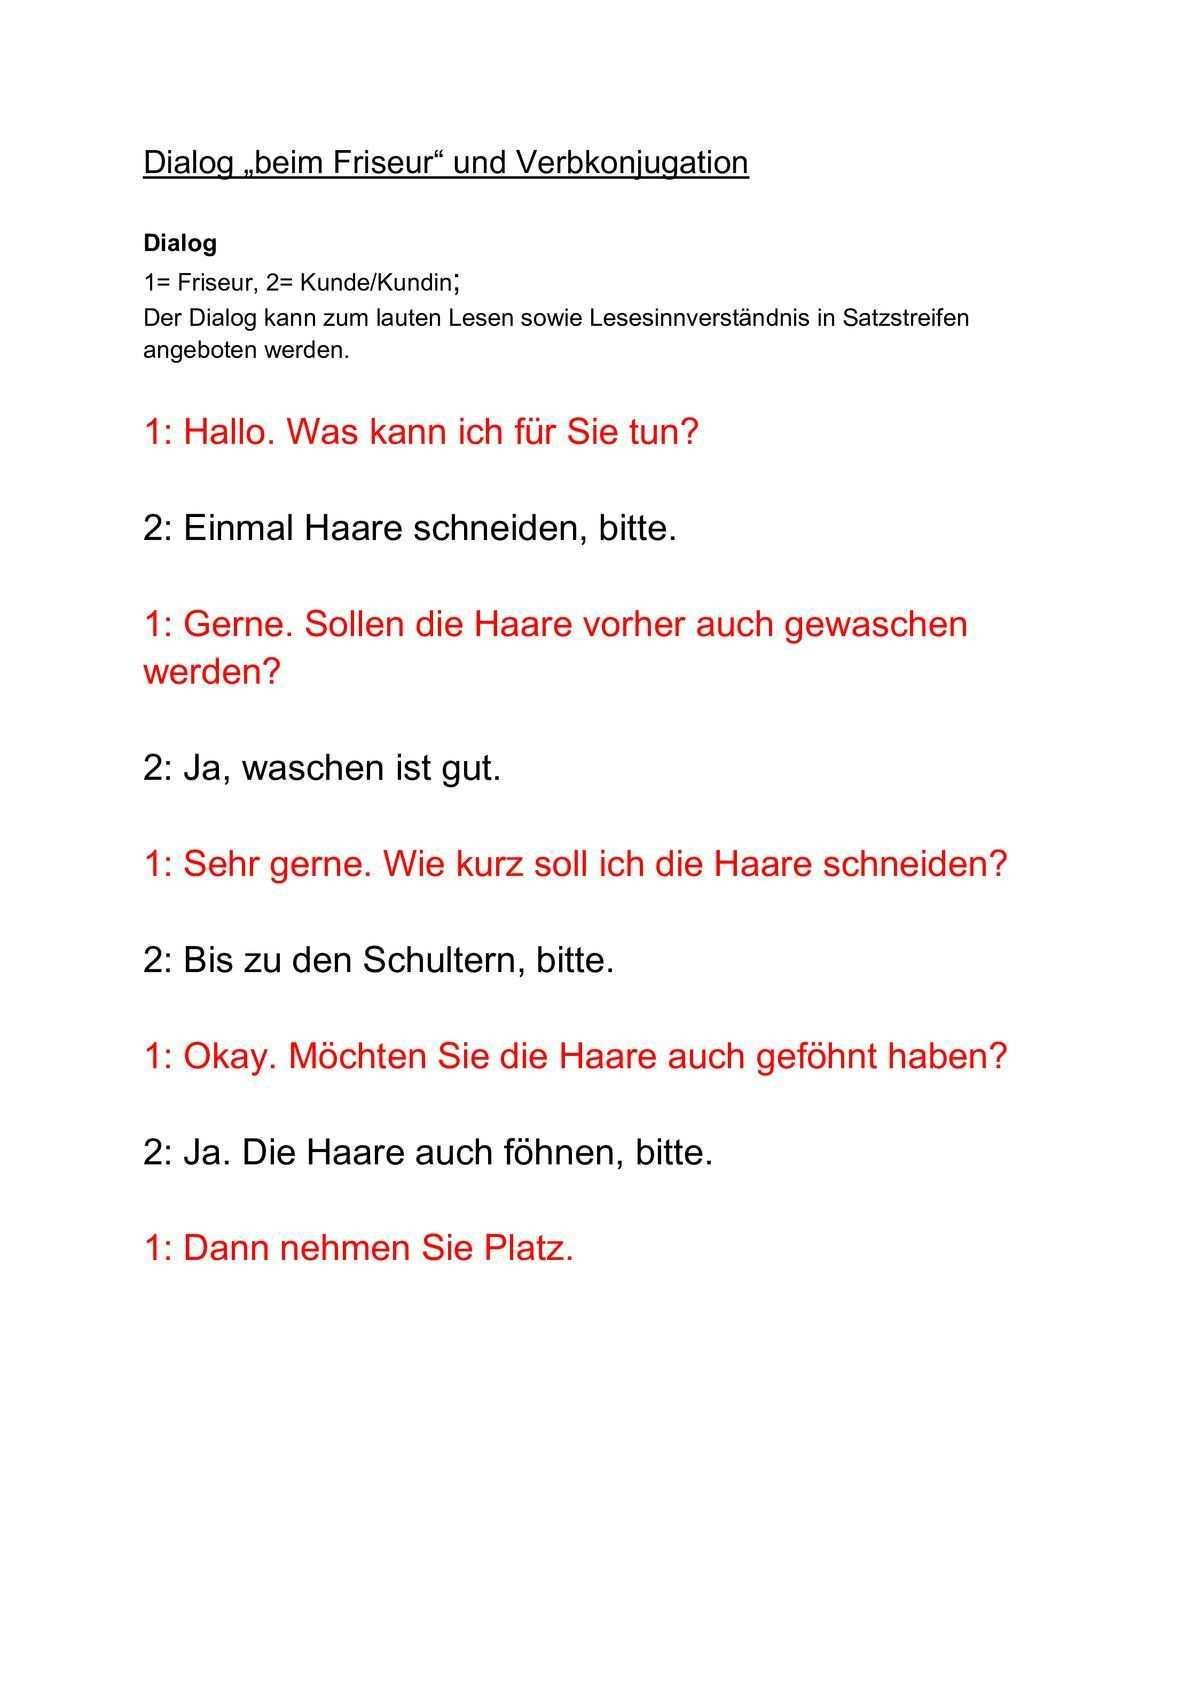 Dialog Beim Friseur Und Luckensatze Sprache Einfache Satze Lesen Verben